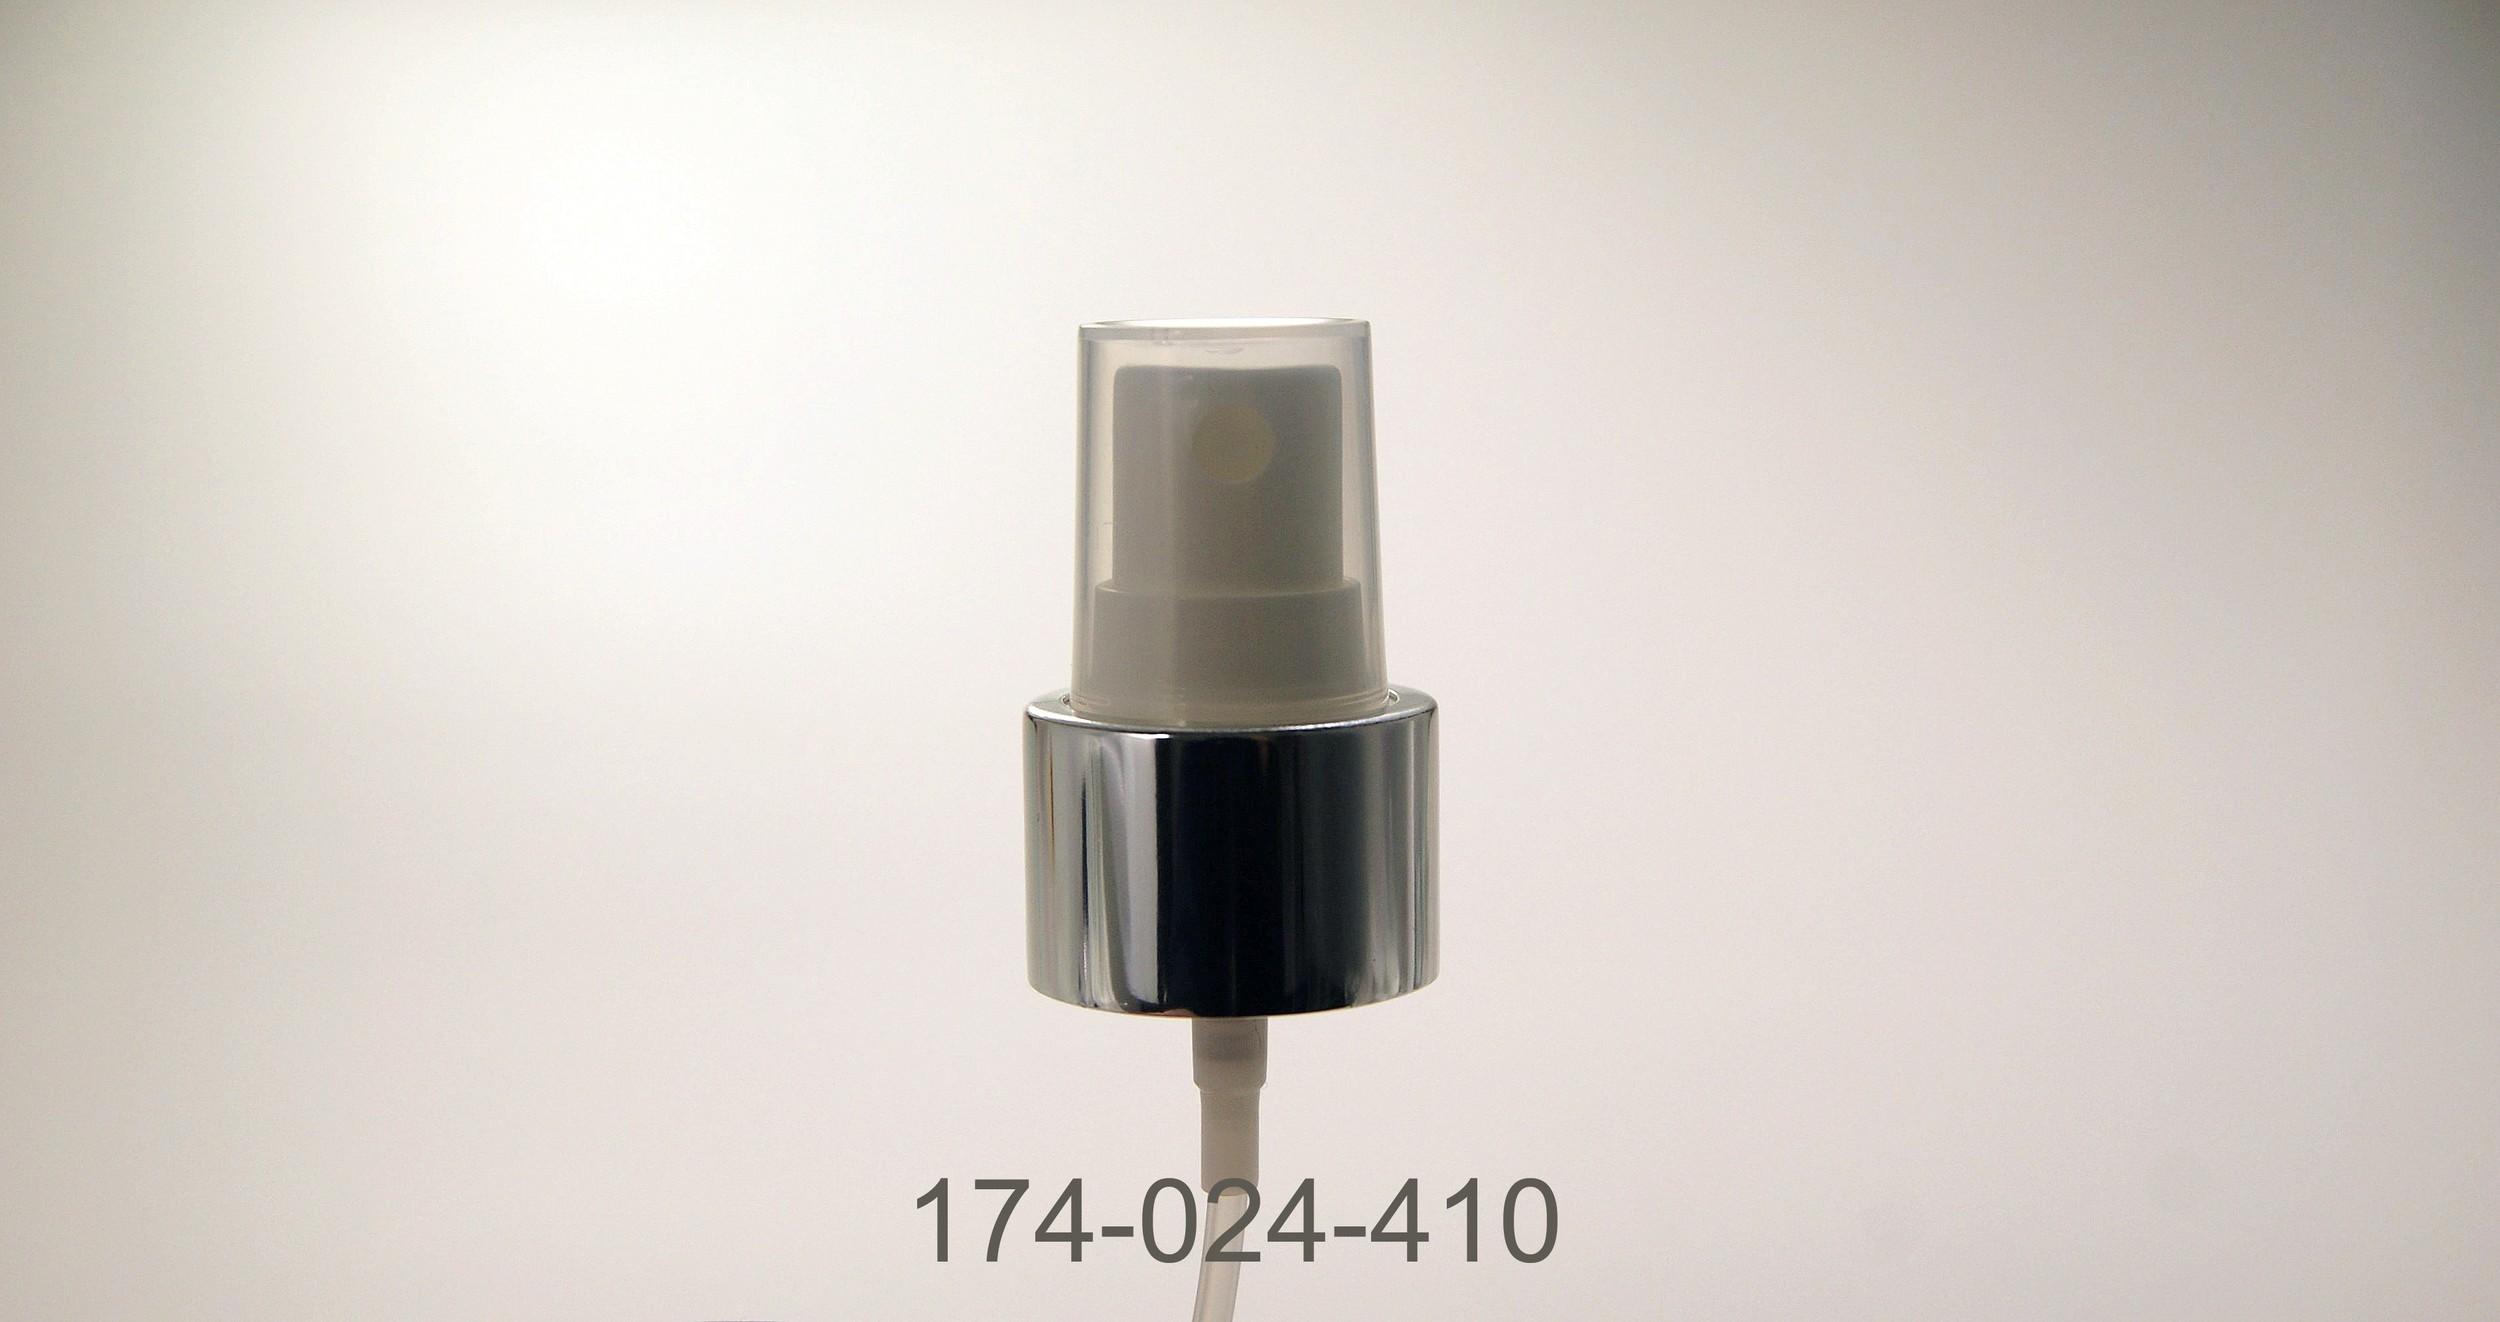 174-024-410 ss.jpg